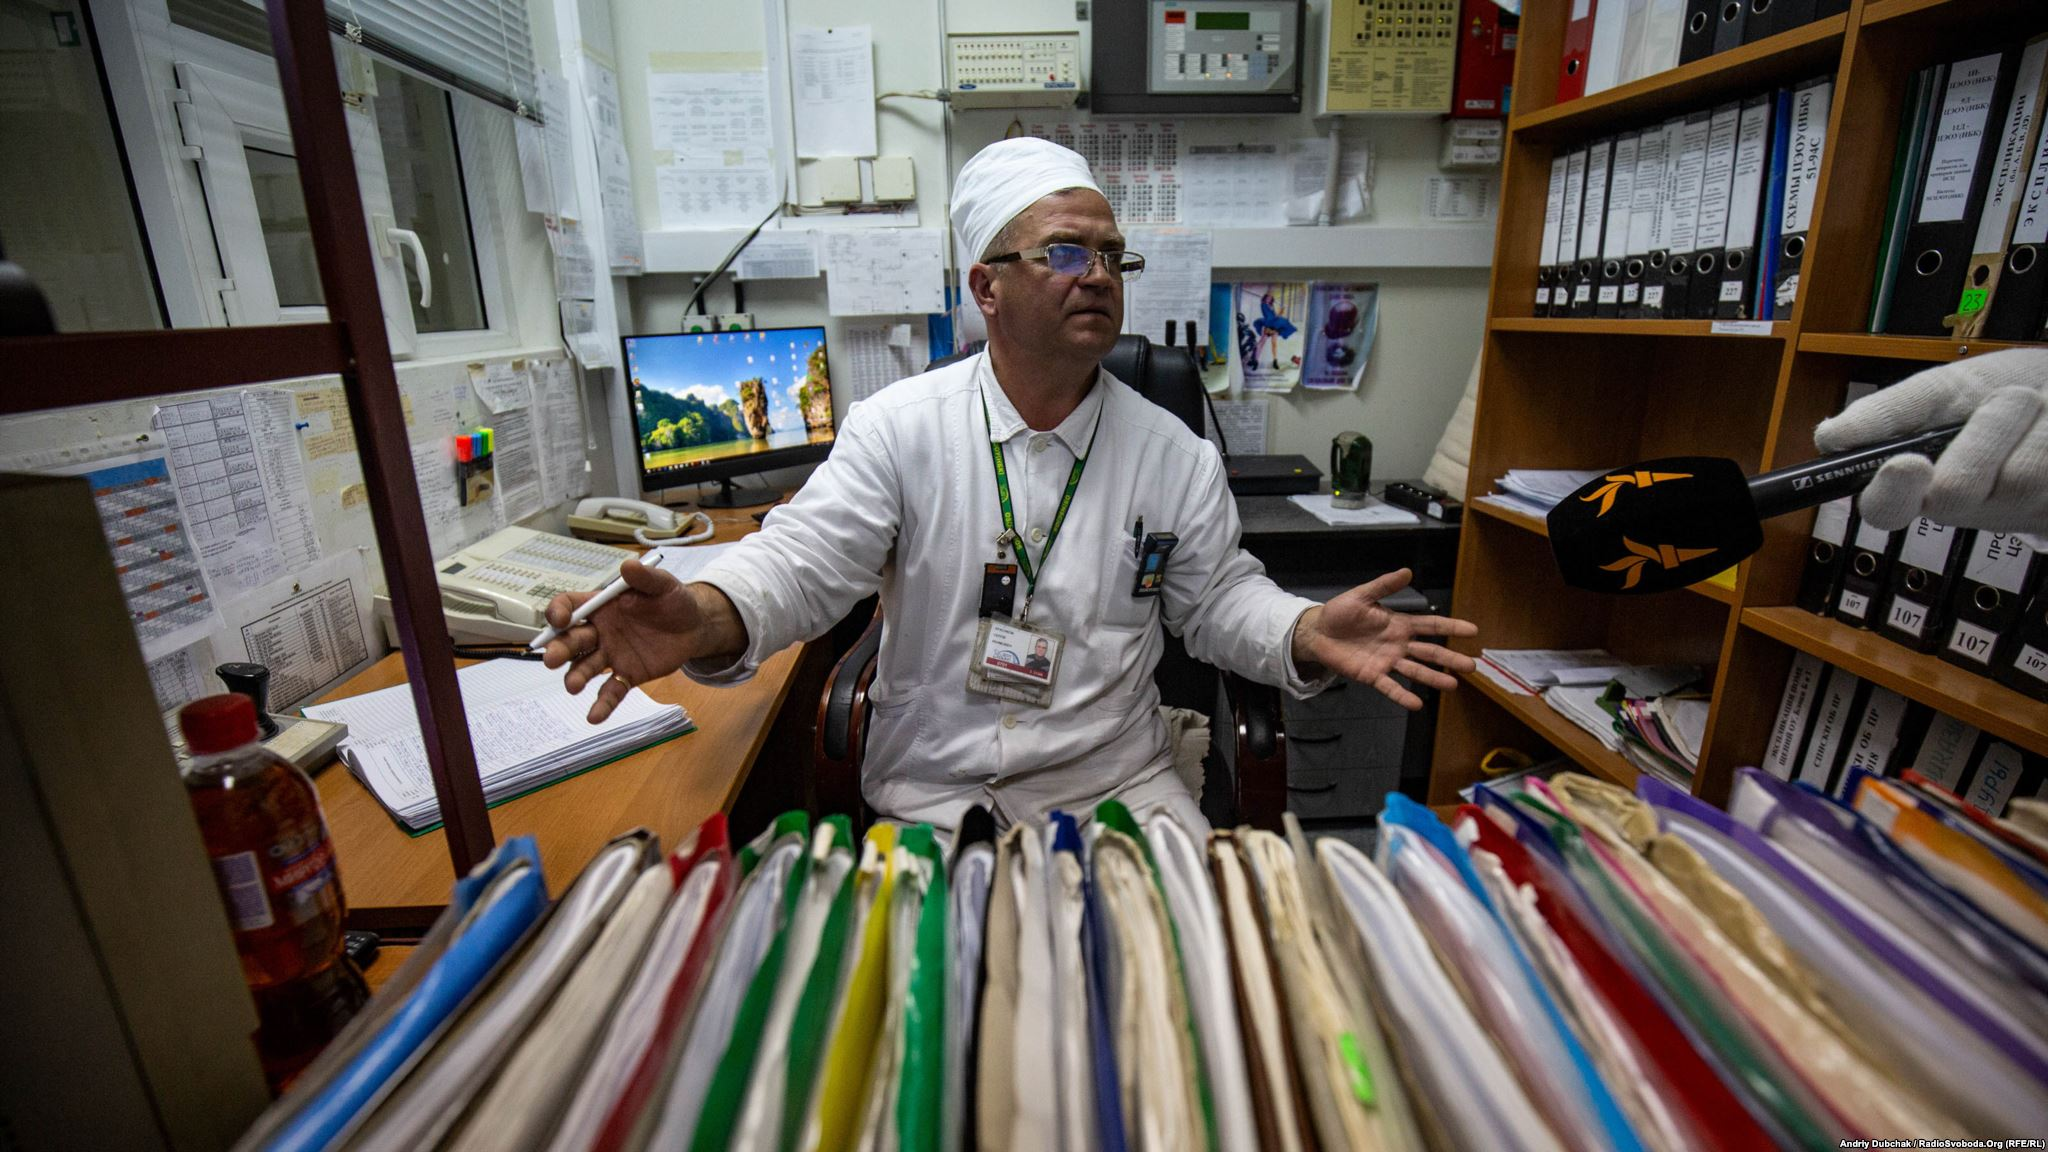 Сергій Красиков, начальник зміни цеху експлуатації об'єкта «Укриття» – сьогодні він керує найрадіоактивнішою будівлею планети (Photographer: Andriy Dubchak)